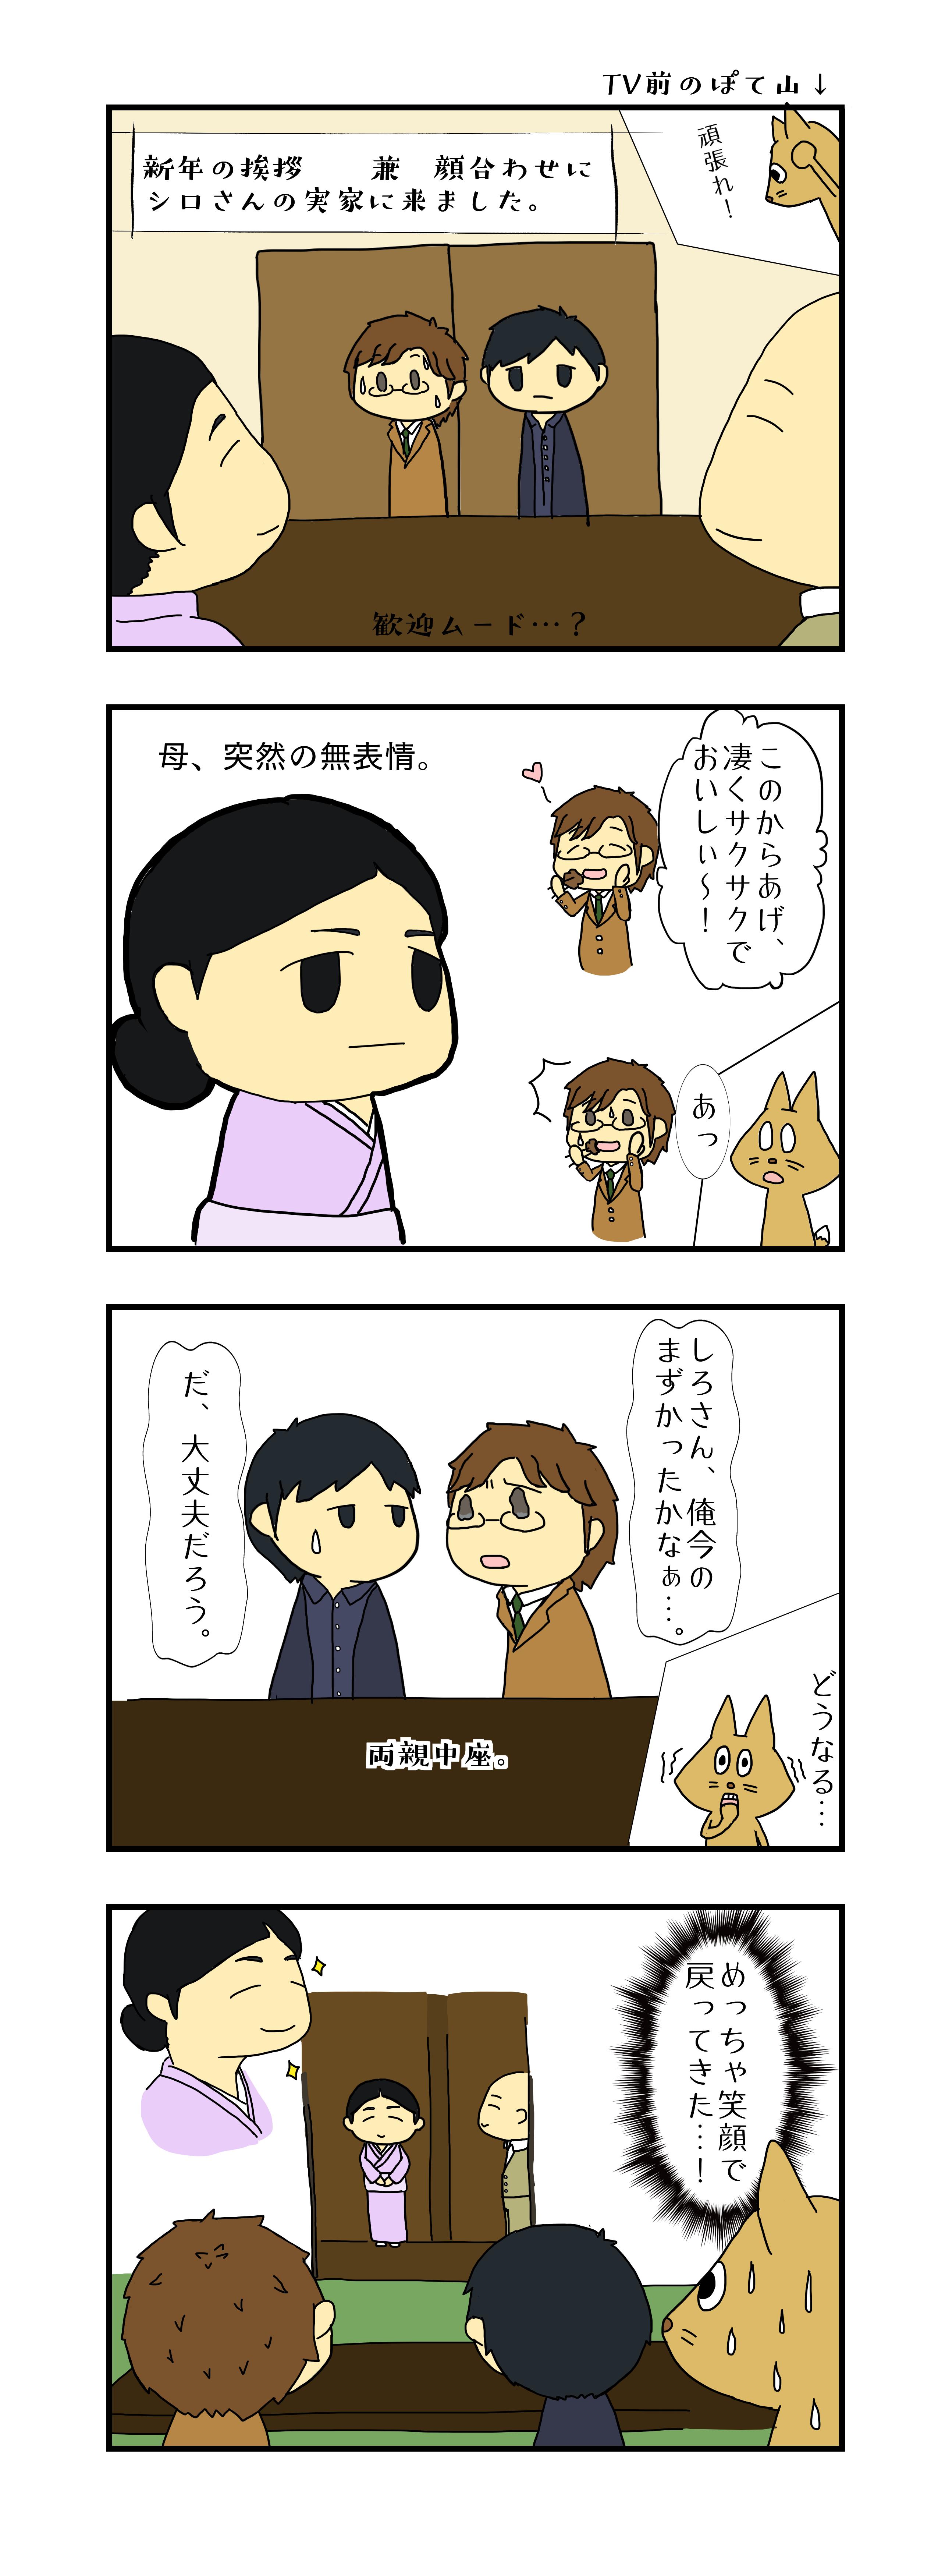 志賀廣太郎 きのう何食べた 代役